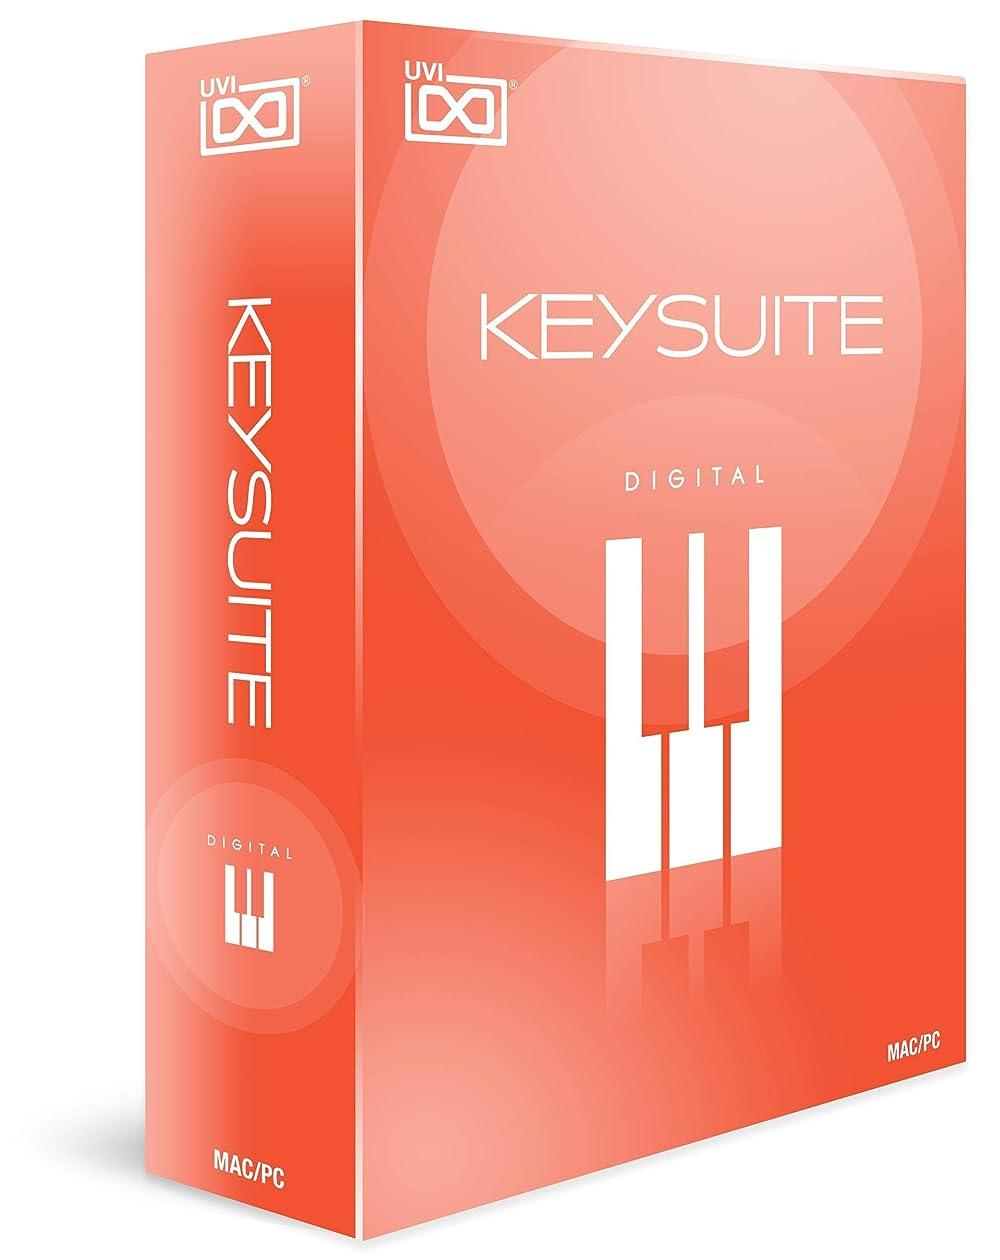 意気揚々ライオネルグリーンストリート結核Key Suite Digitak - キーボードモジュール音源集 -